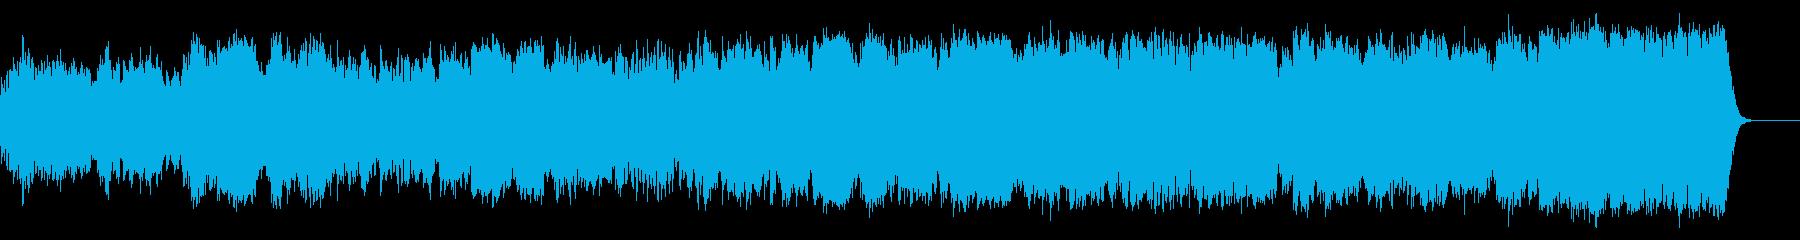 和風な幻想曲、オカリナで喜太郎風にしたの再生済みの波形